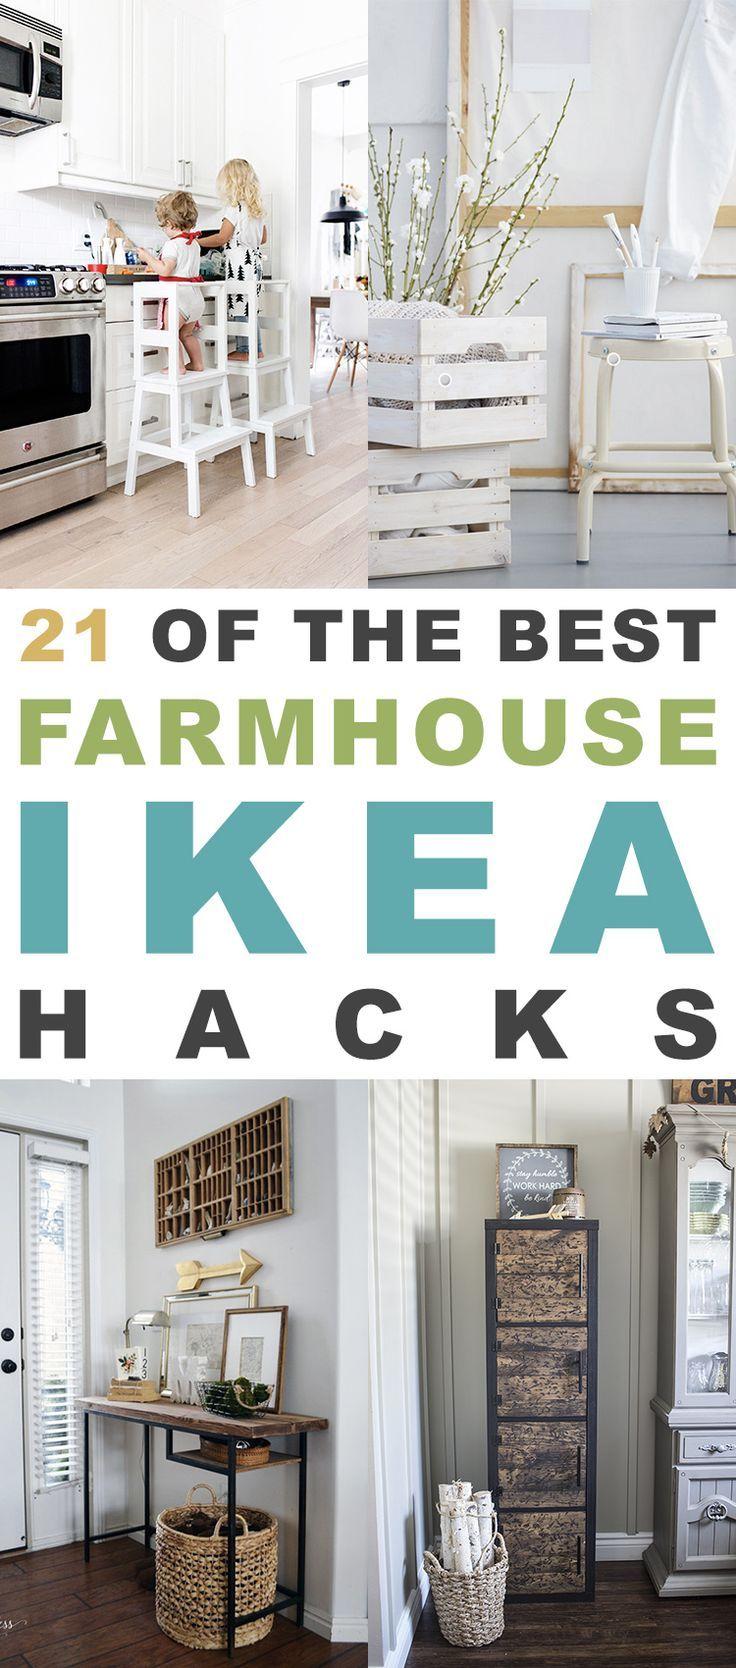 21 Of The Best Farmhouse Ikea Hacks Mit Bildern Ikea Mobel Hacks Ikea Hacks Zuhause Diy